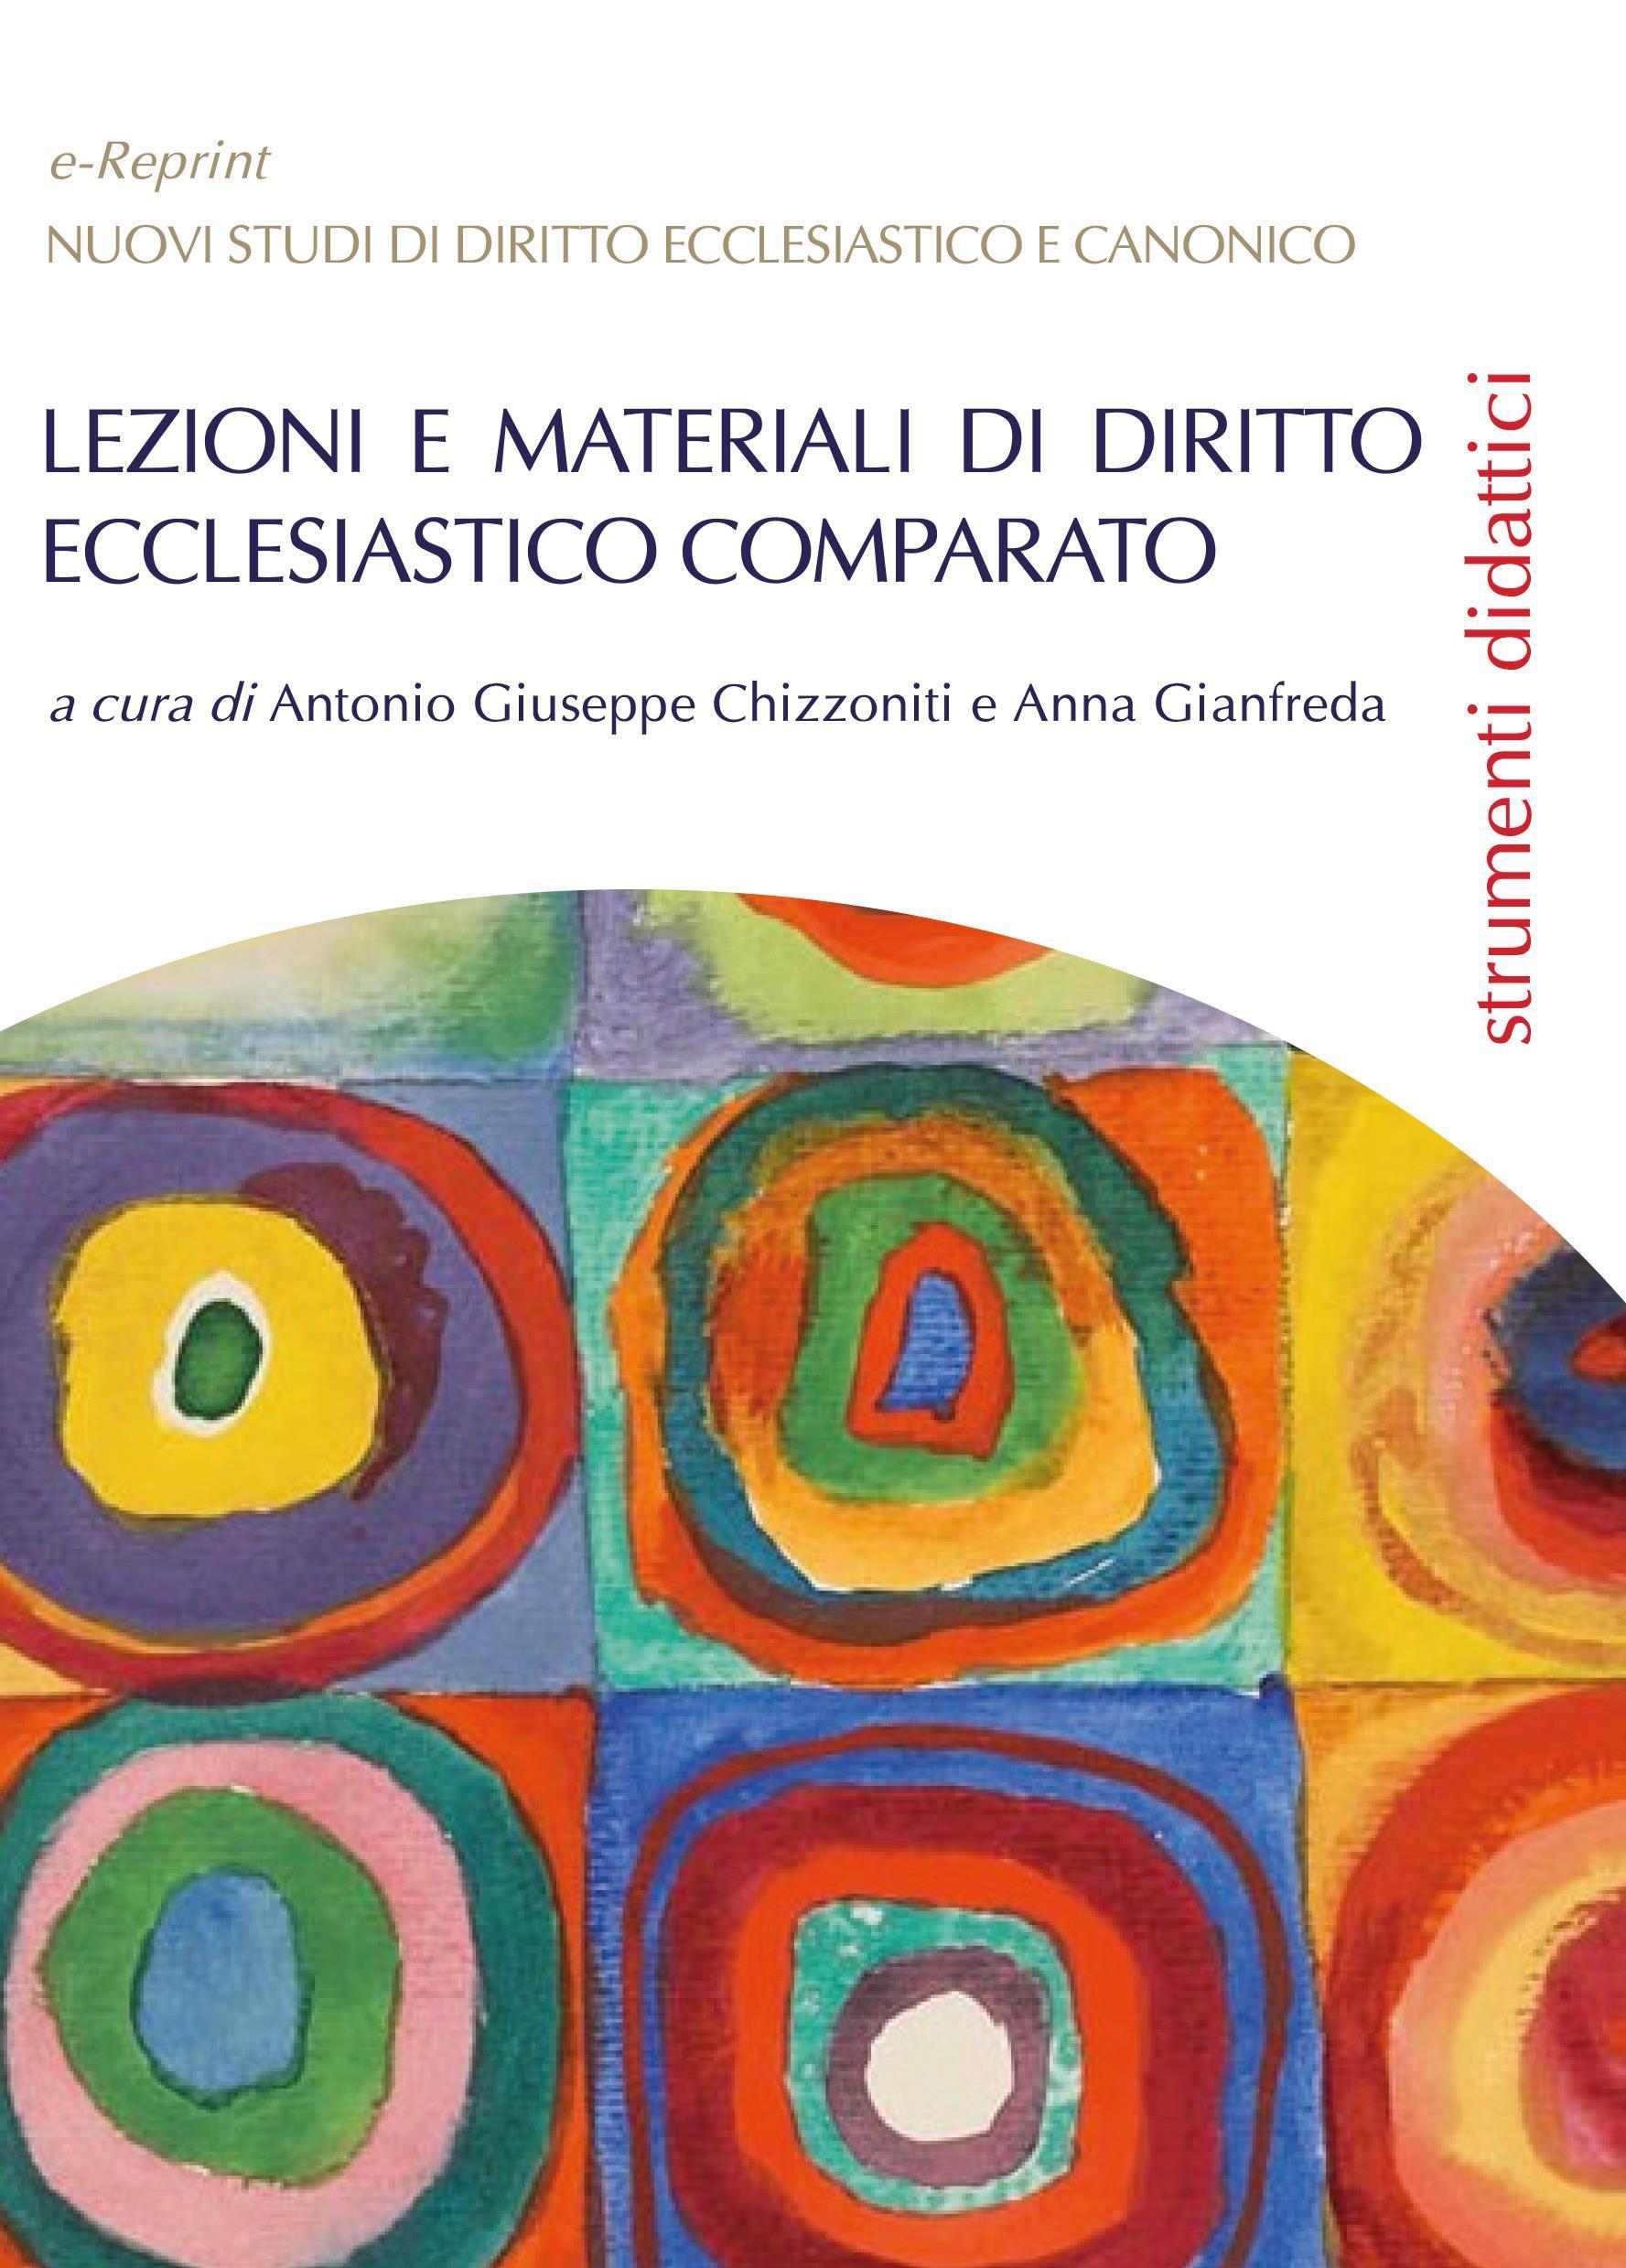 Lezioni e materiali di diritto ecclesiastico comparato